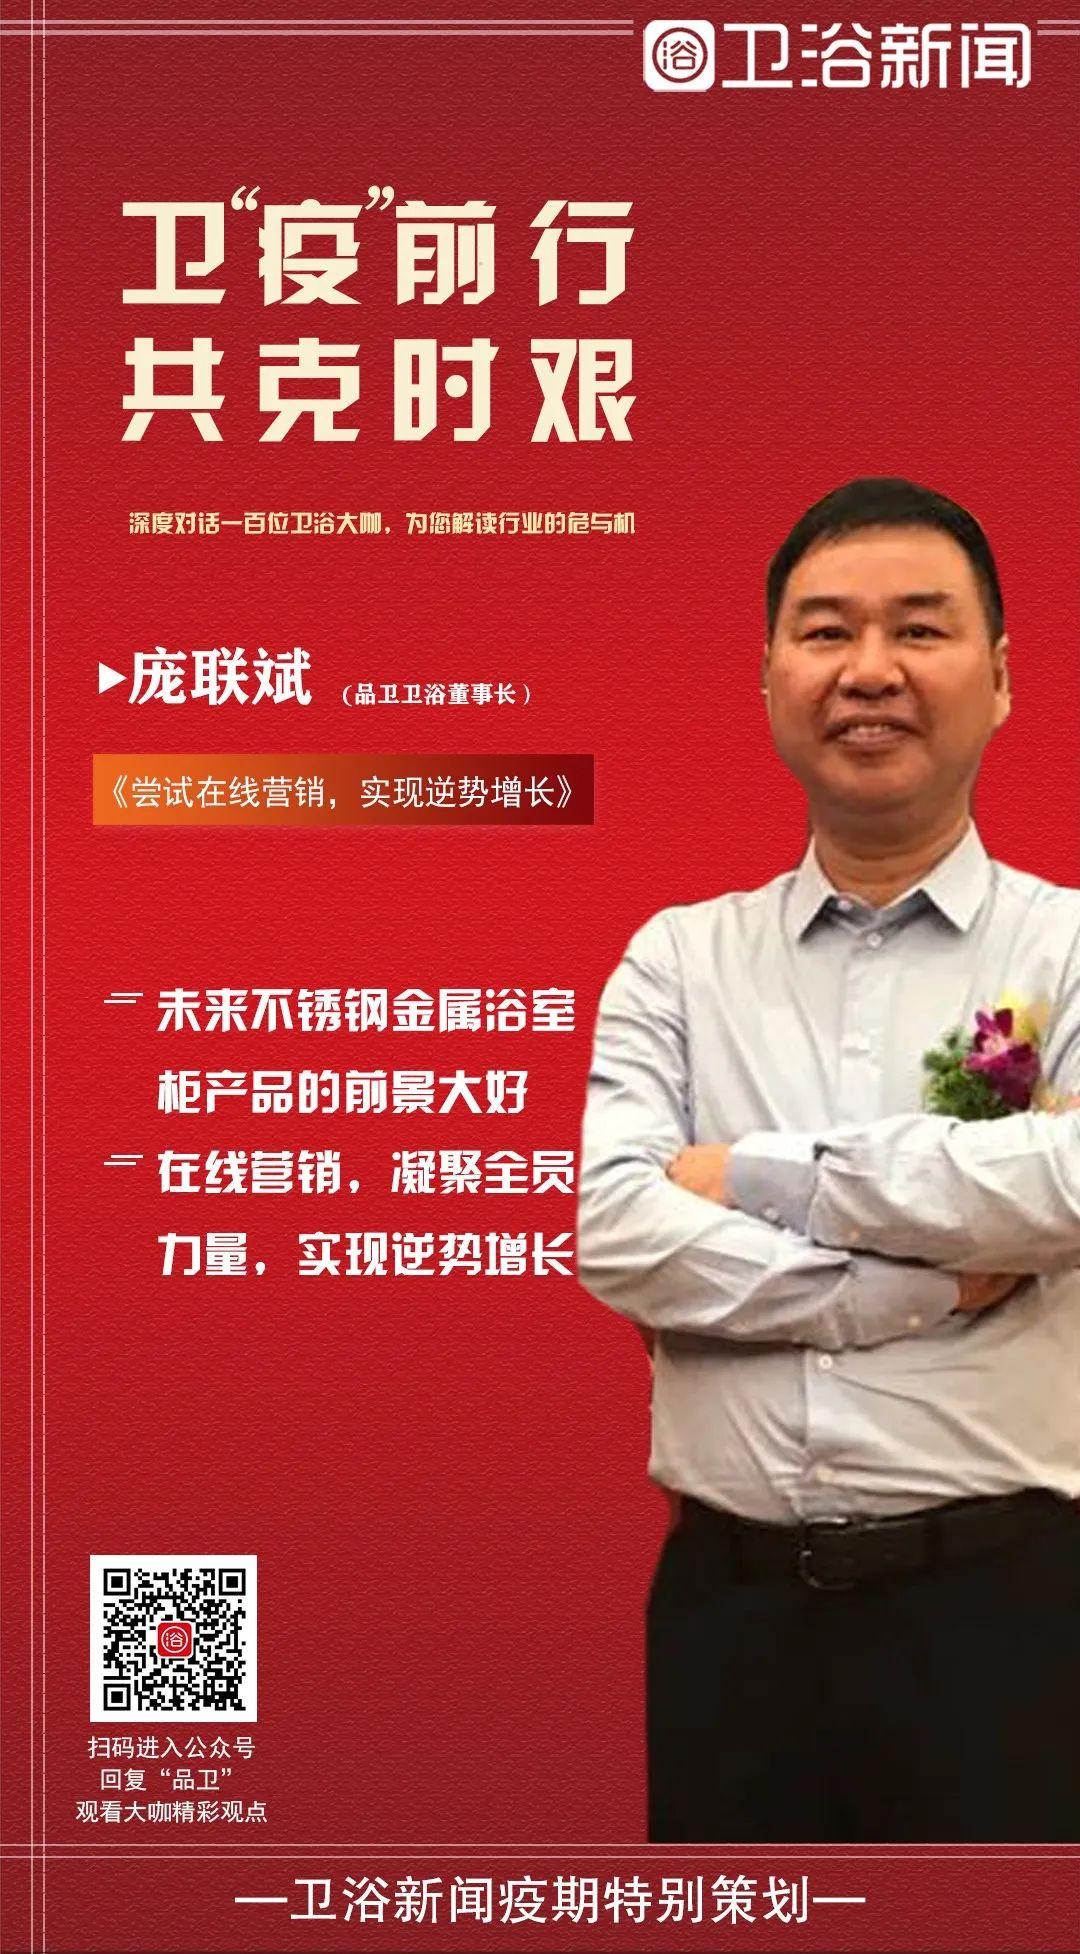 品卫卫浴庞联斌:在线营销,实现逆势增长